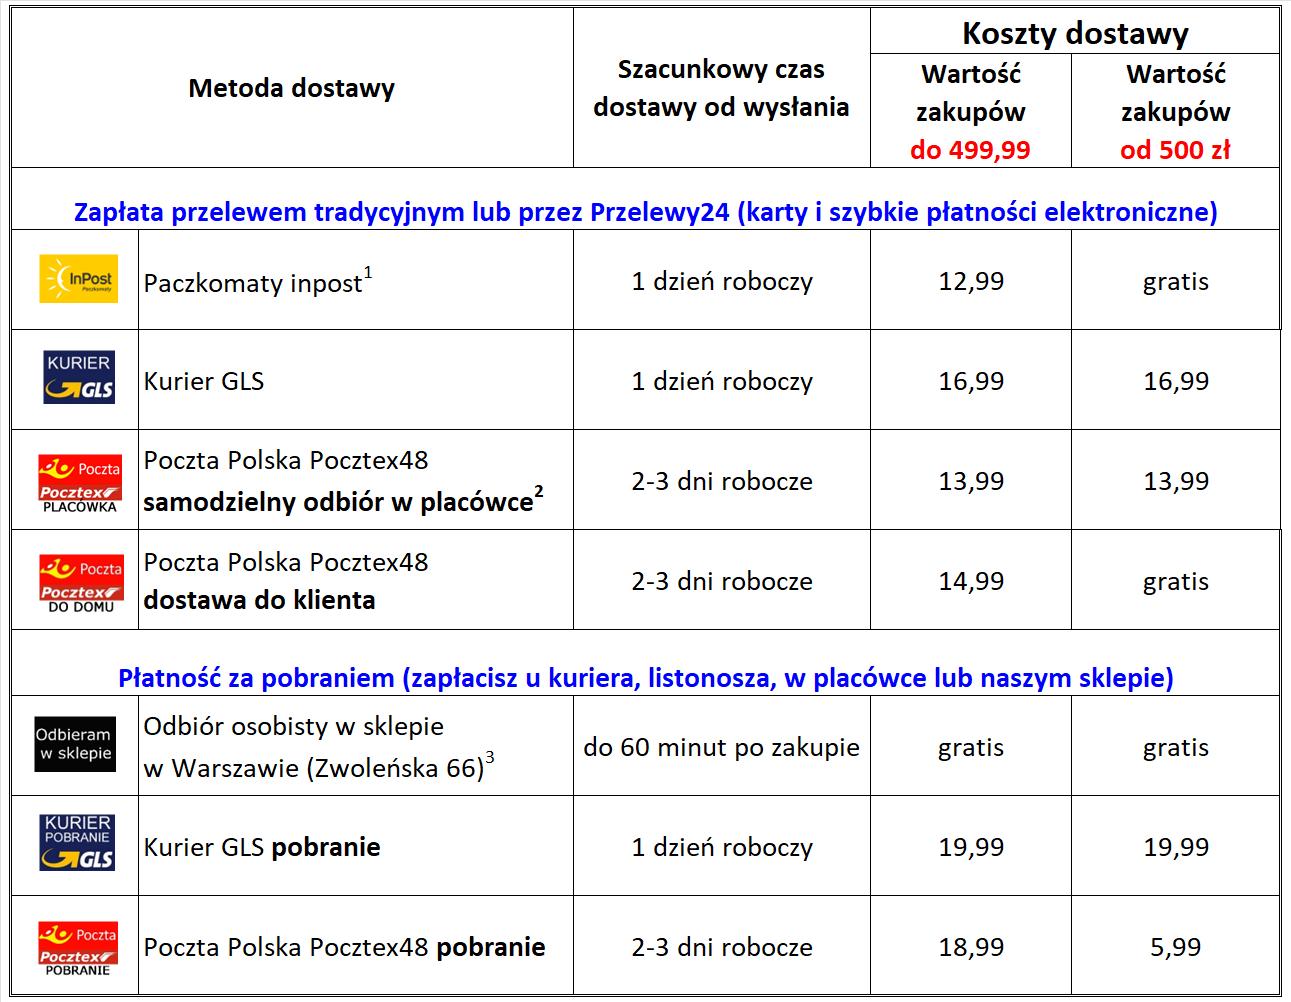 cennik_dostaw_enumizmatyczny.png